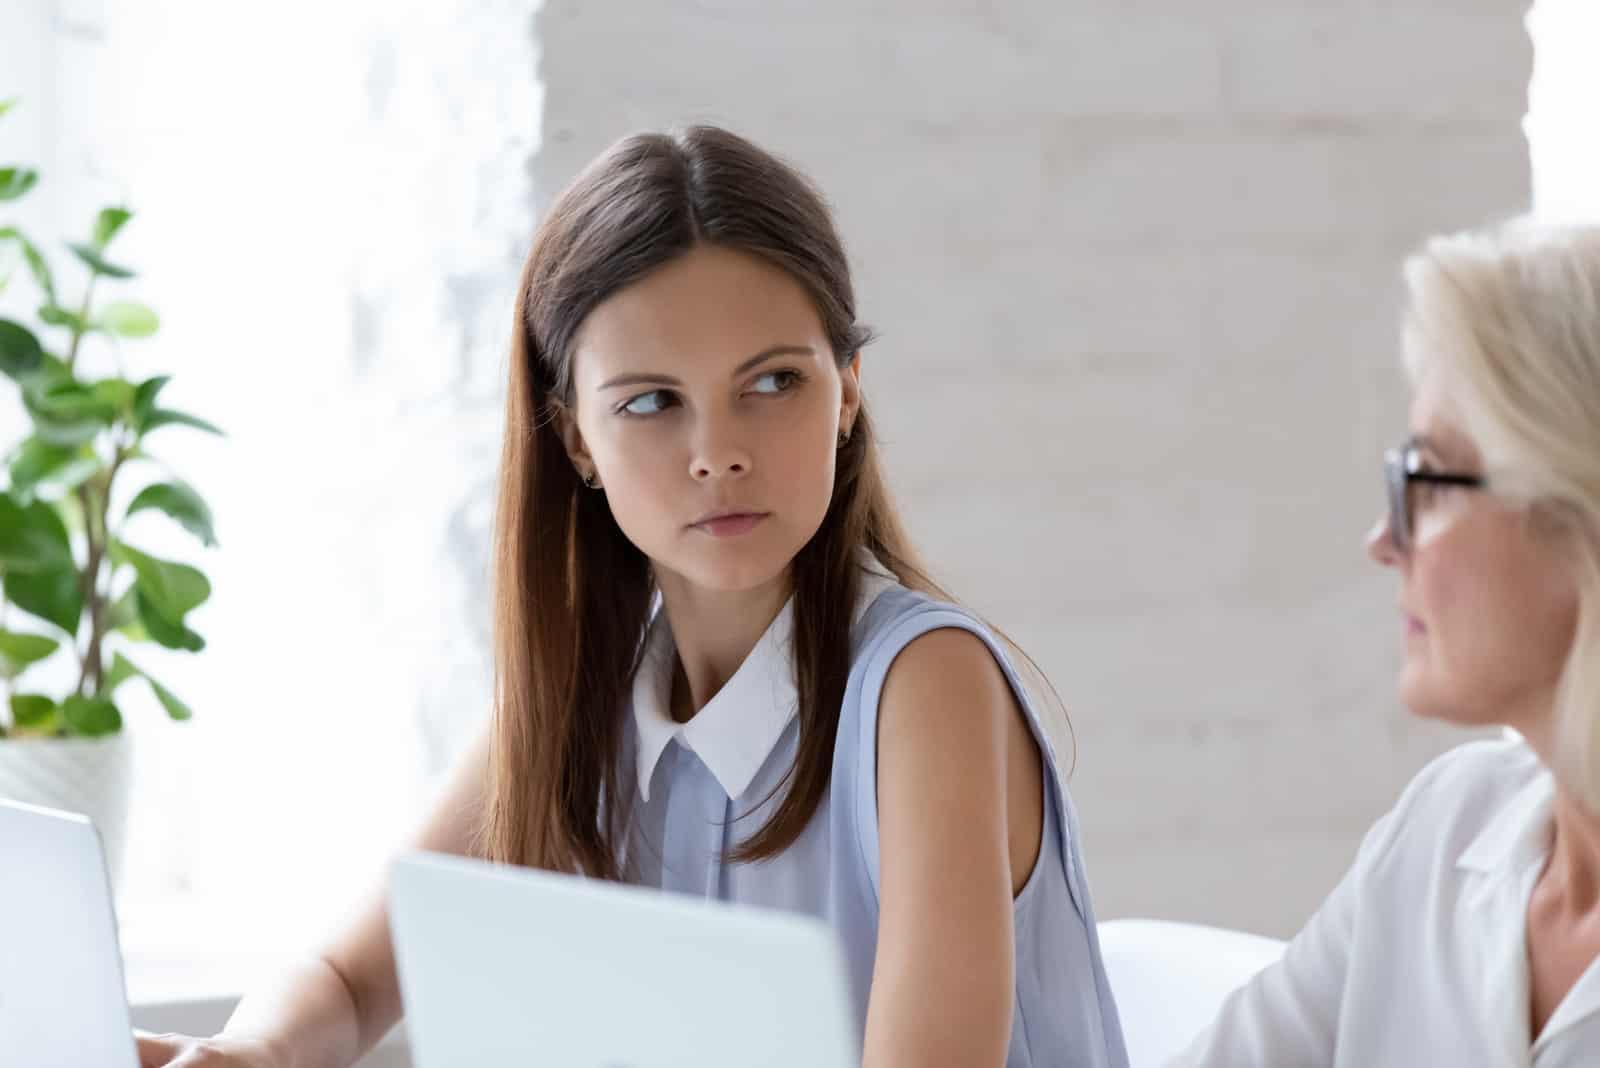 Travailleuse millénaire sérieuse, assise à son bureau, regardant en colère un collègue plus âgé.